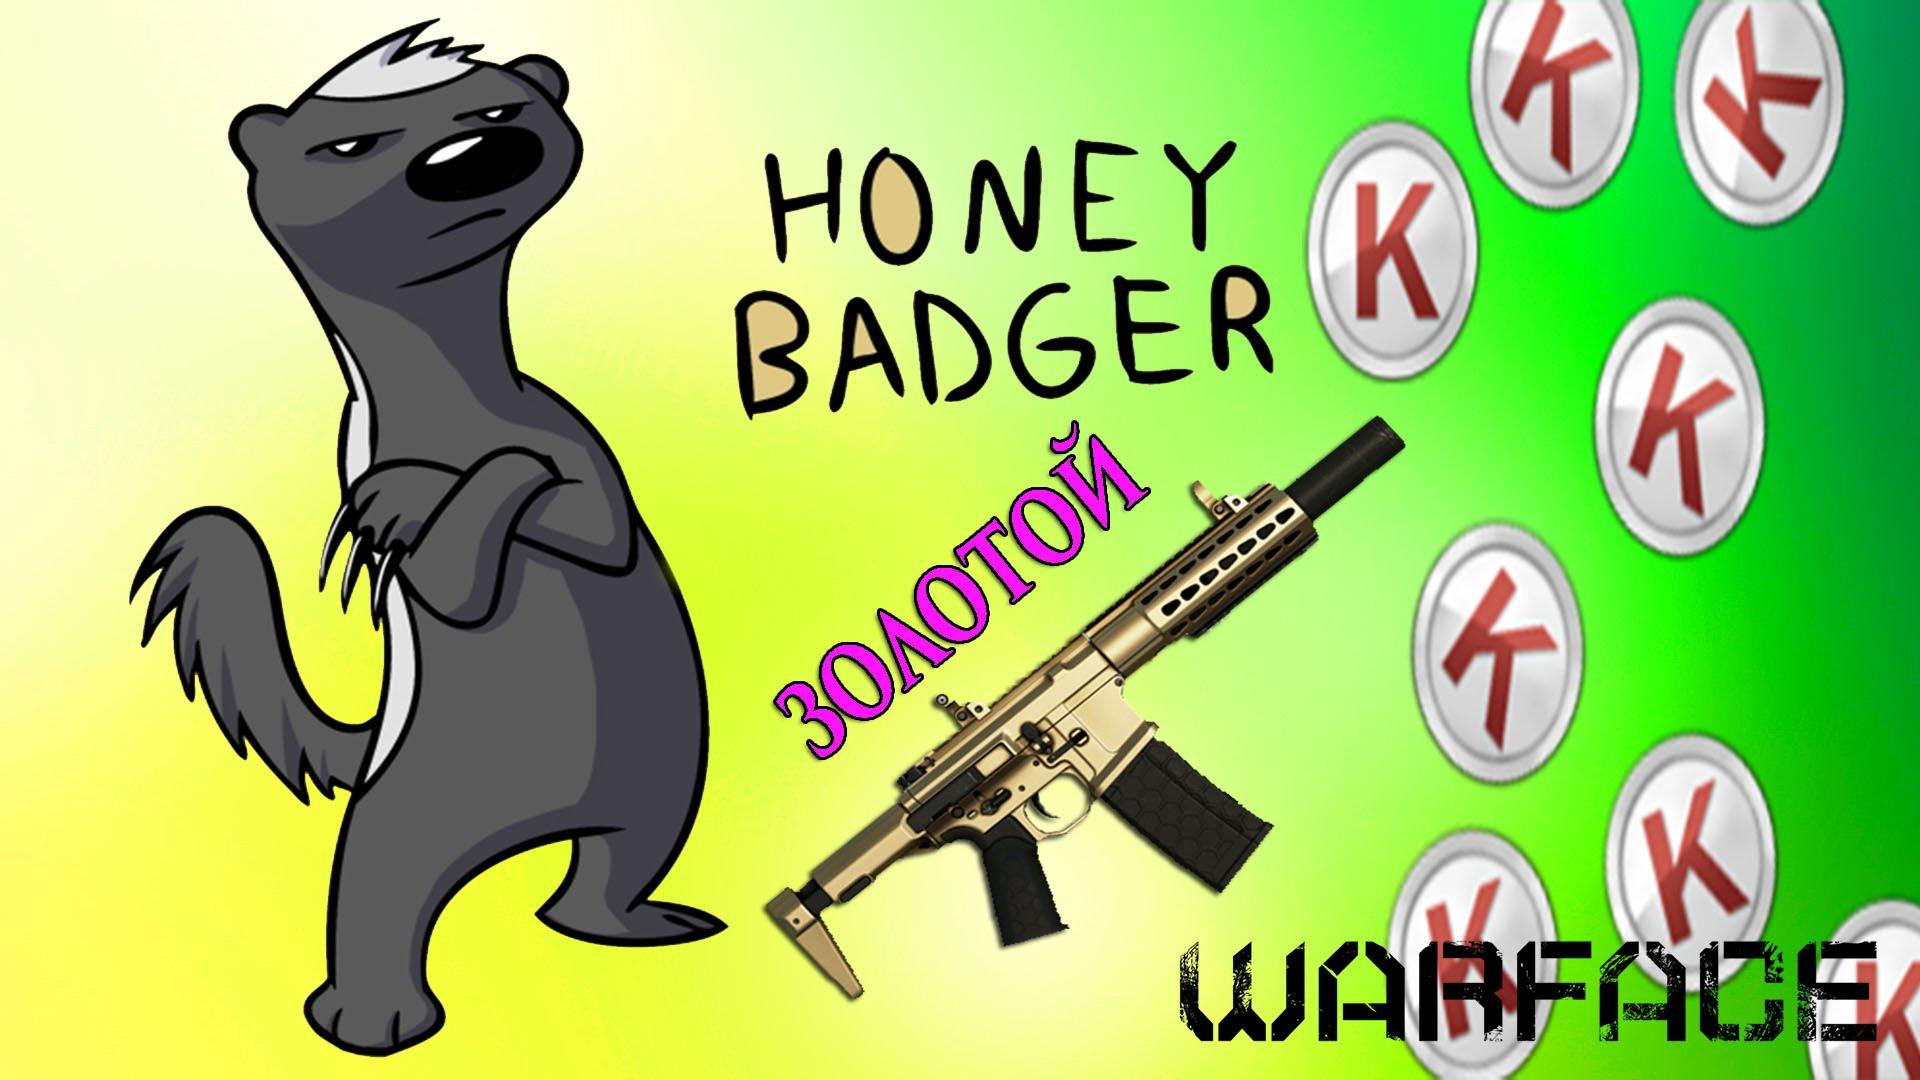 Honey Badger clipart csgo #2